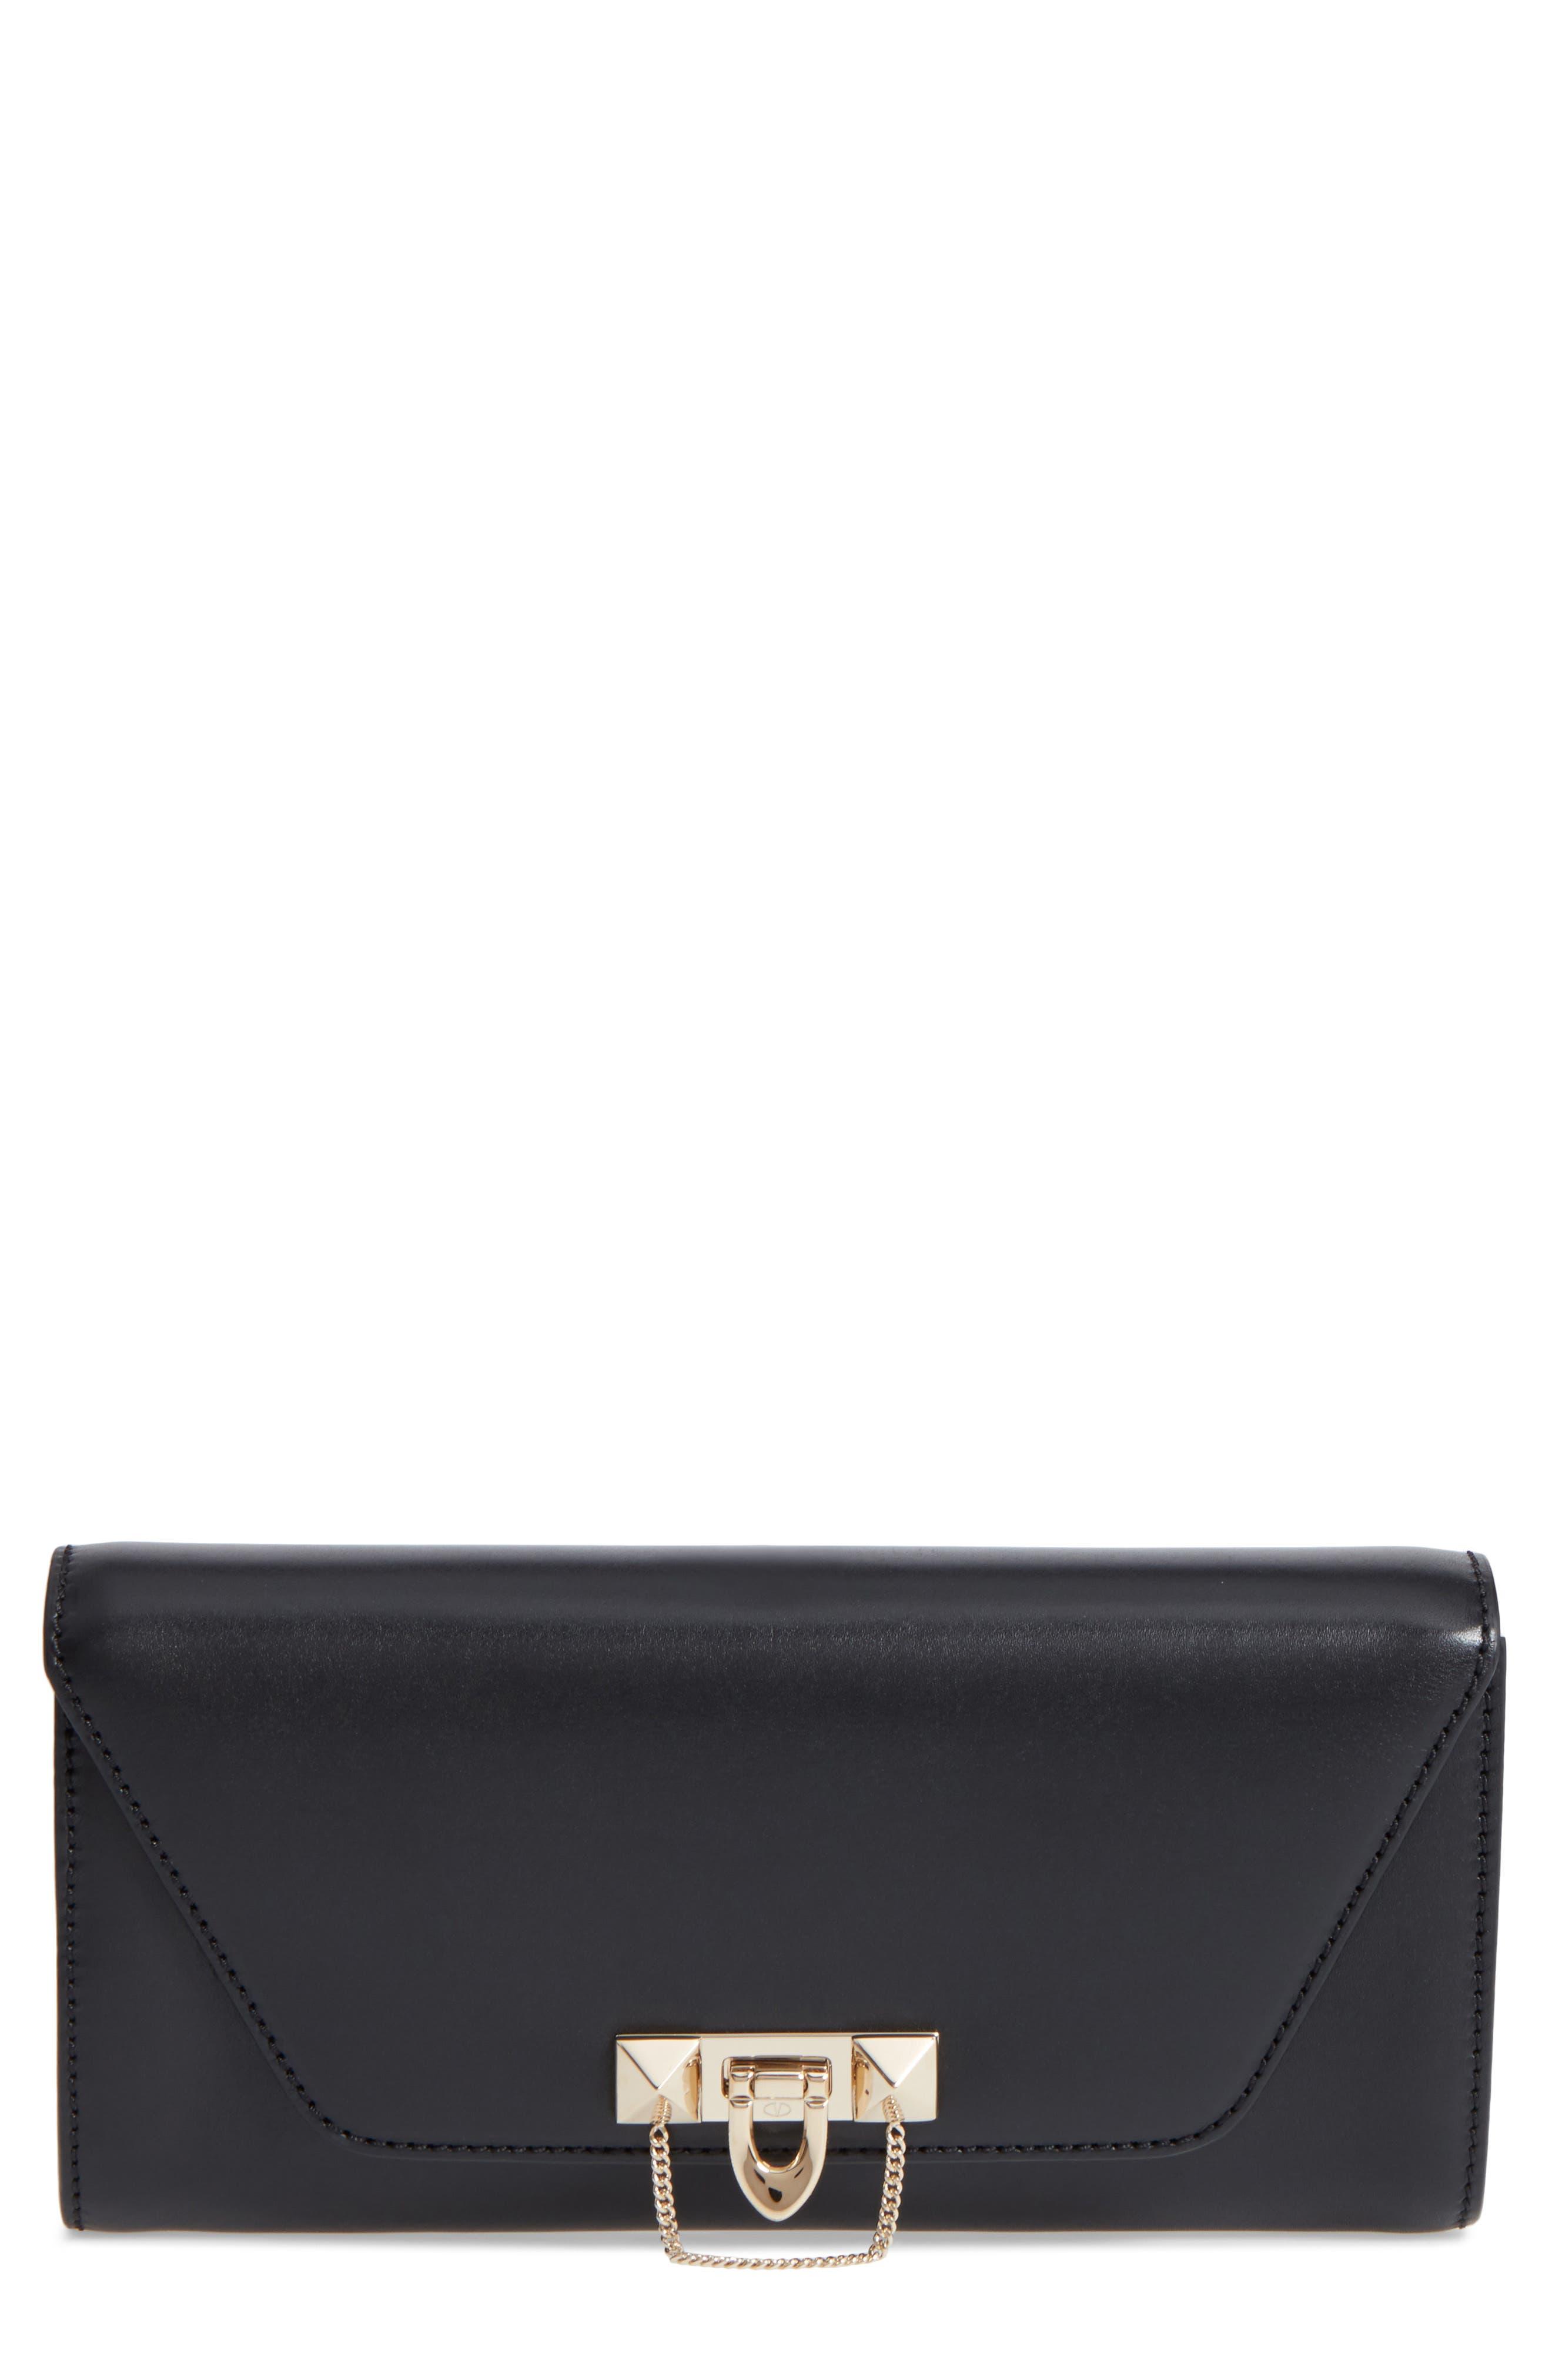 Main Image - Valentino Studded Leather Shoulder Bag